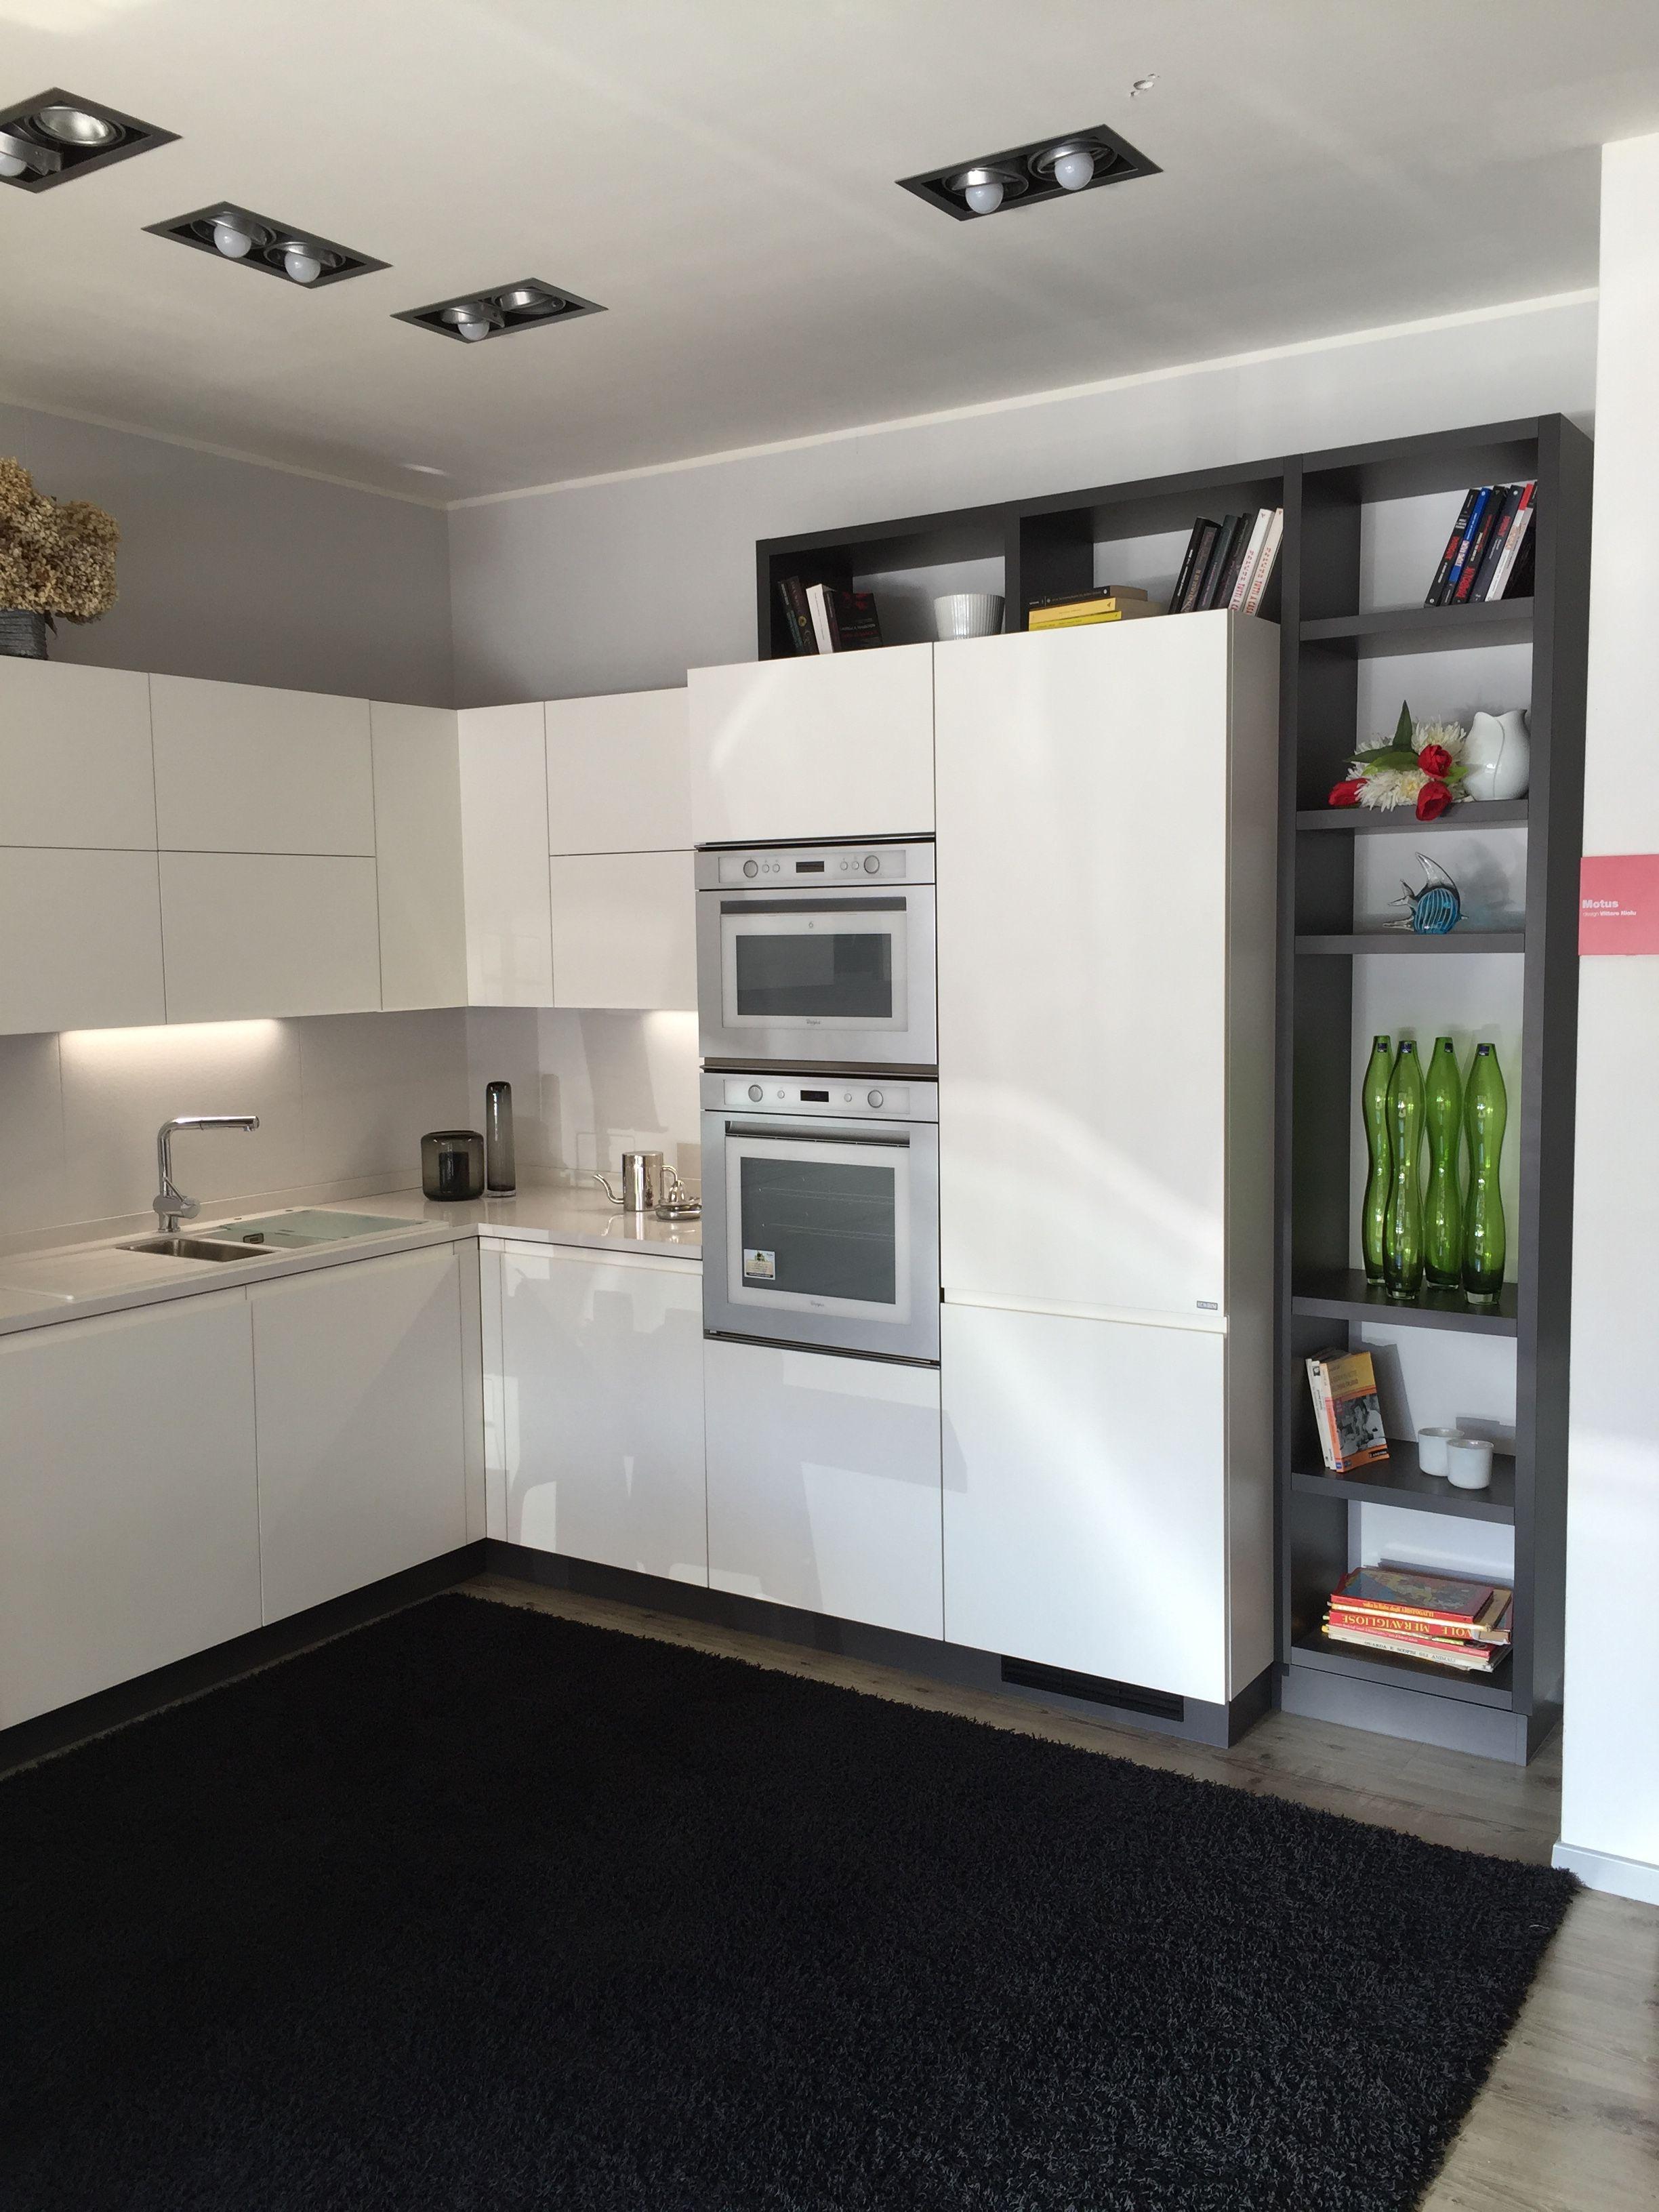 Arredamento panificio ~ Cucina #scavolini modello #motus: anta decorativo bianco puro